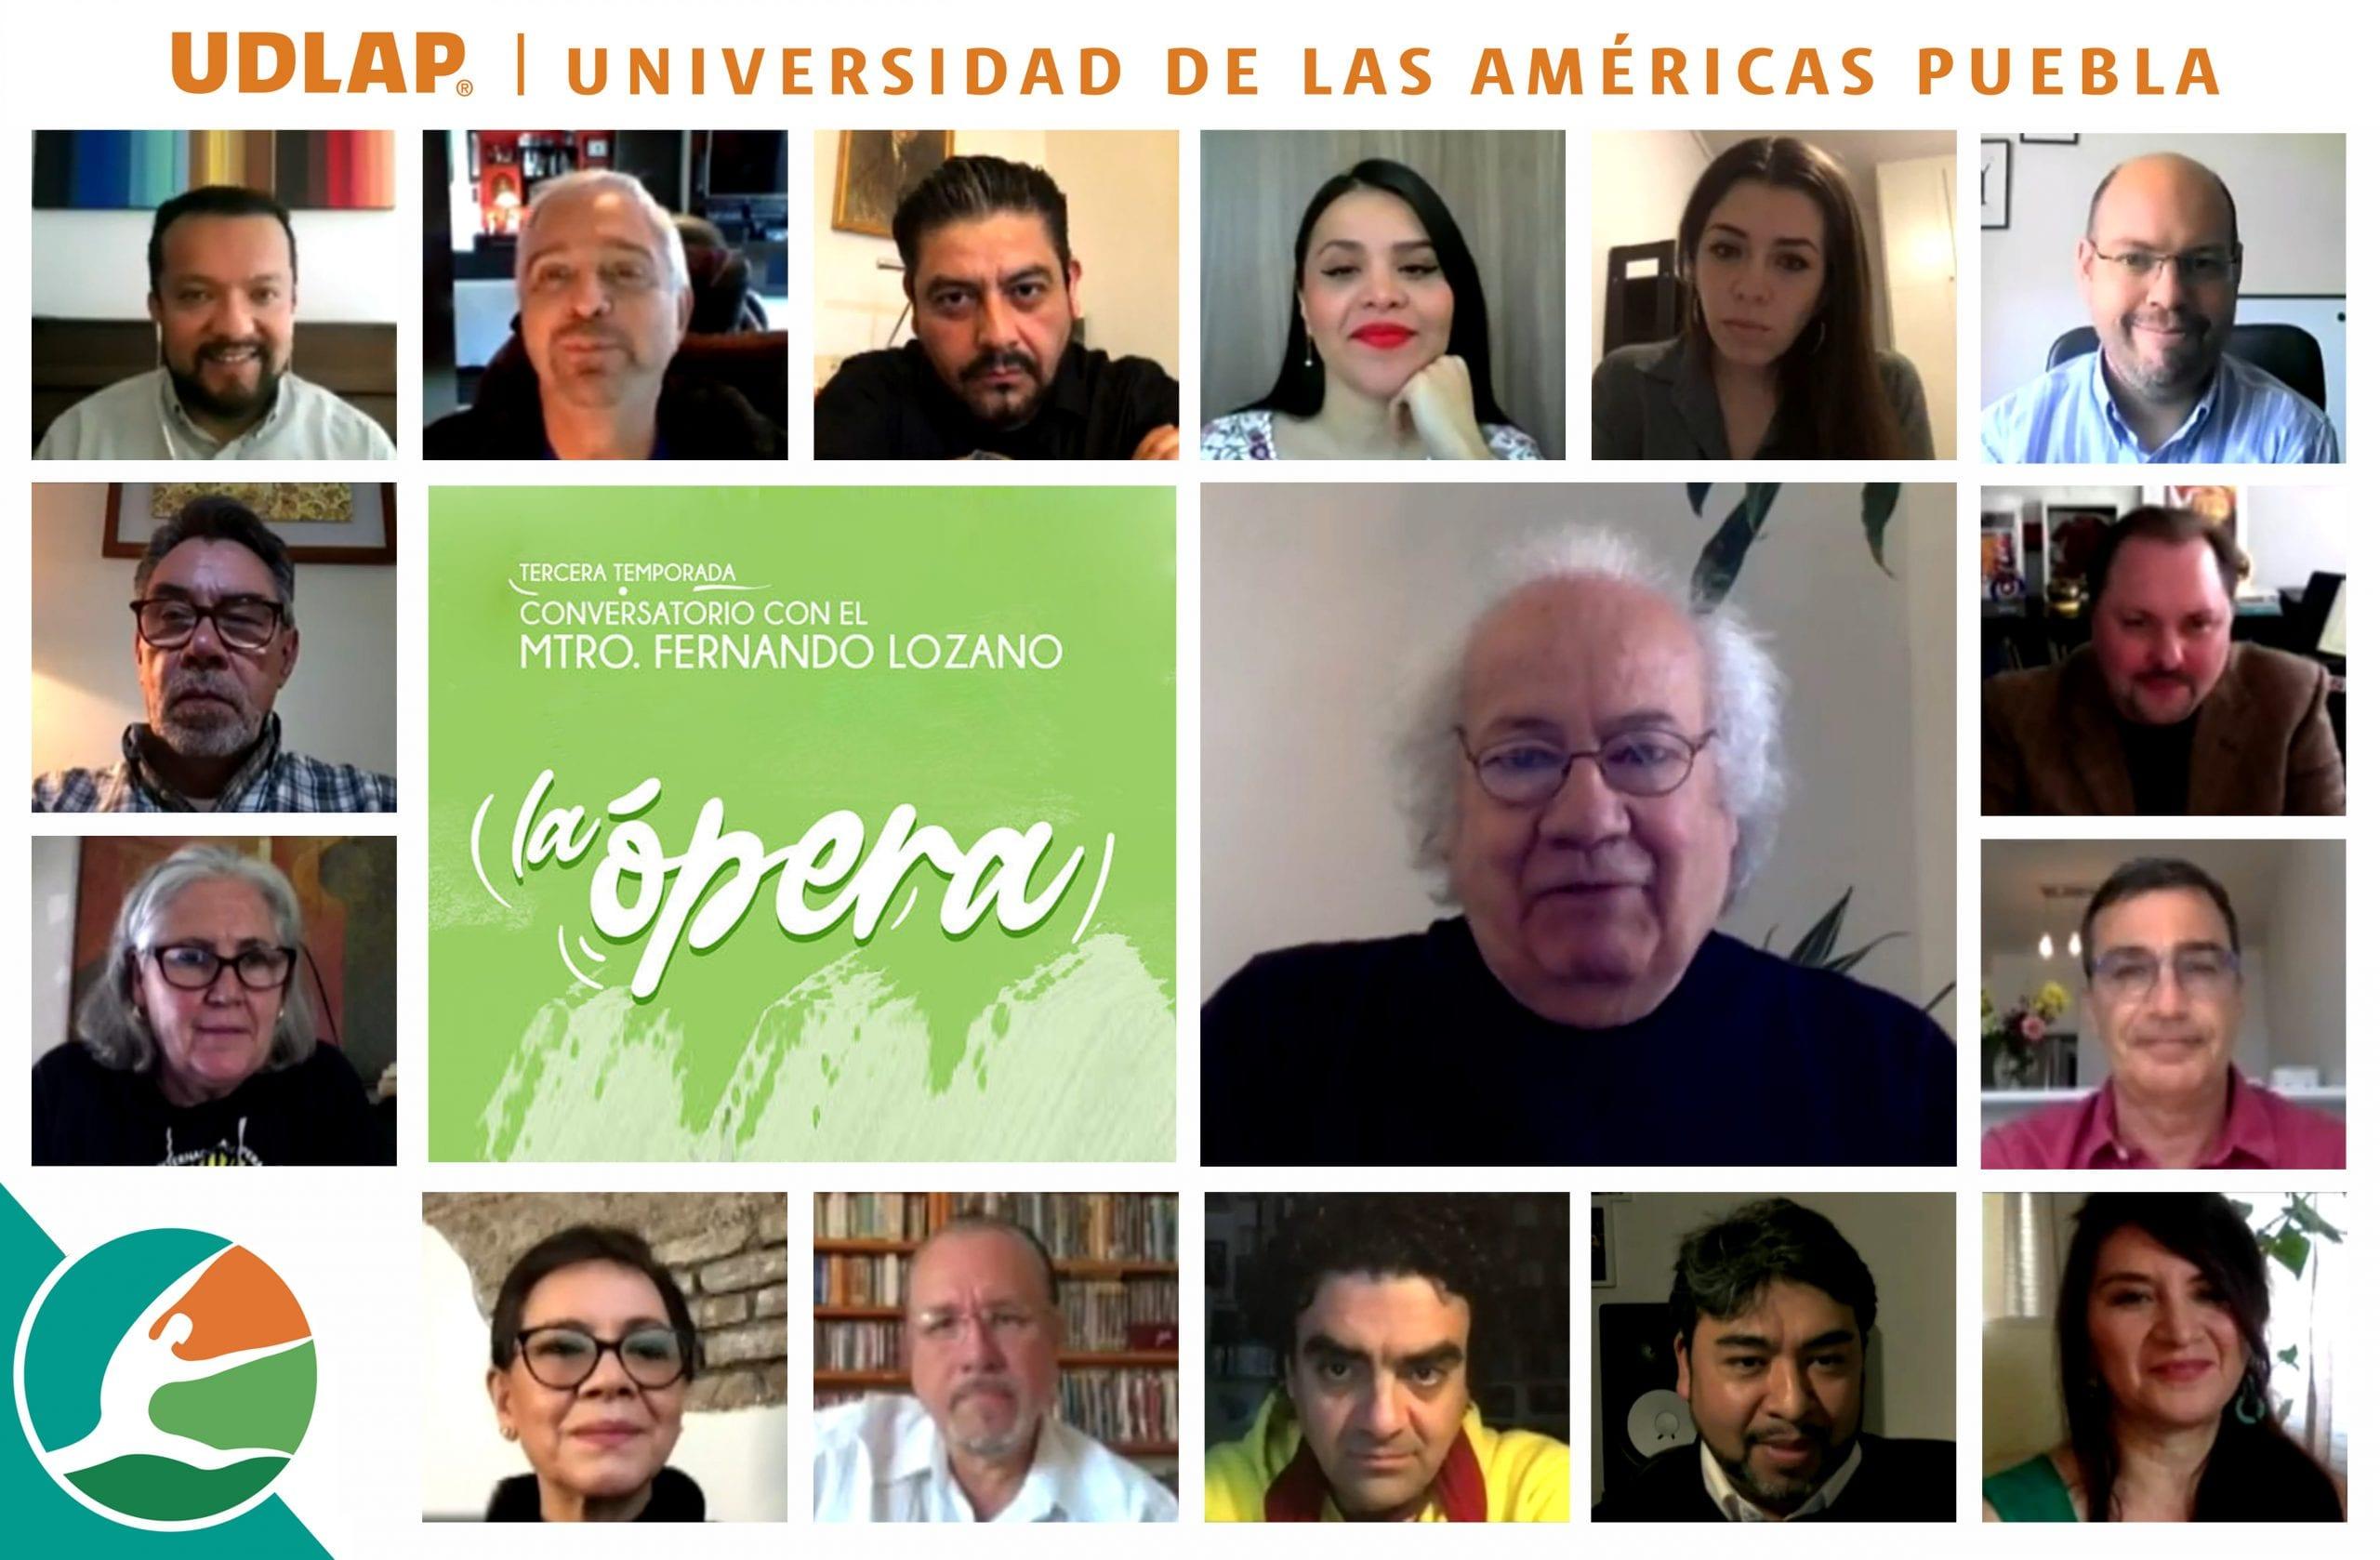 La UDLAP comparte el conocimiento del maestro Fernando Lozano en su ciclo de conversatorios